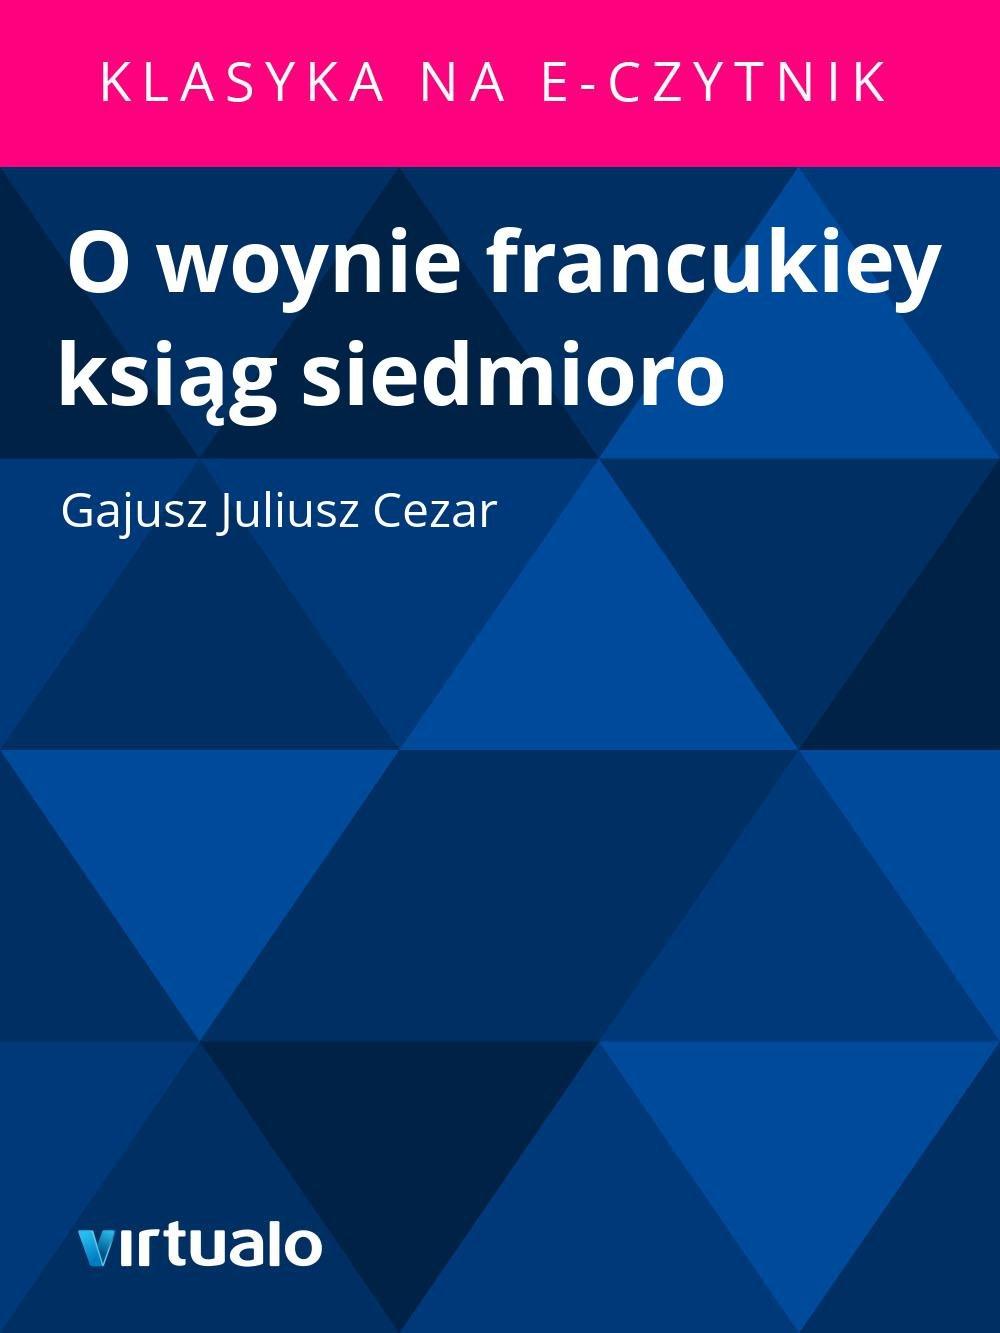 O woynie francukiey ksiąg siedmioro - Ebook (Książka EPUB) do pobrania w formacie EPUB